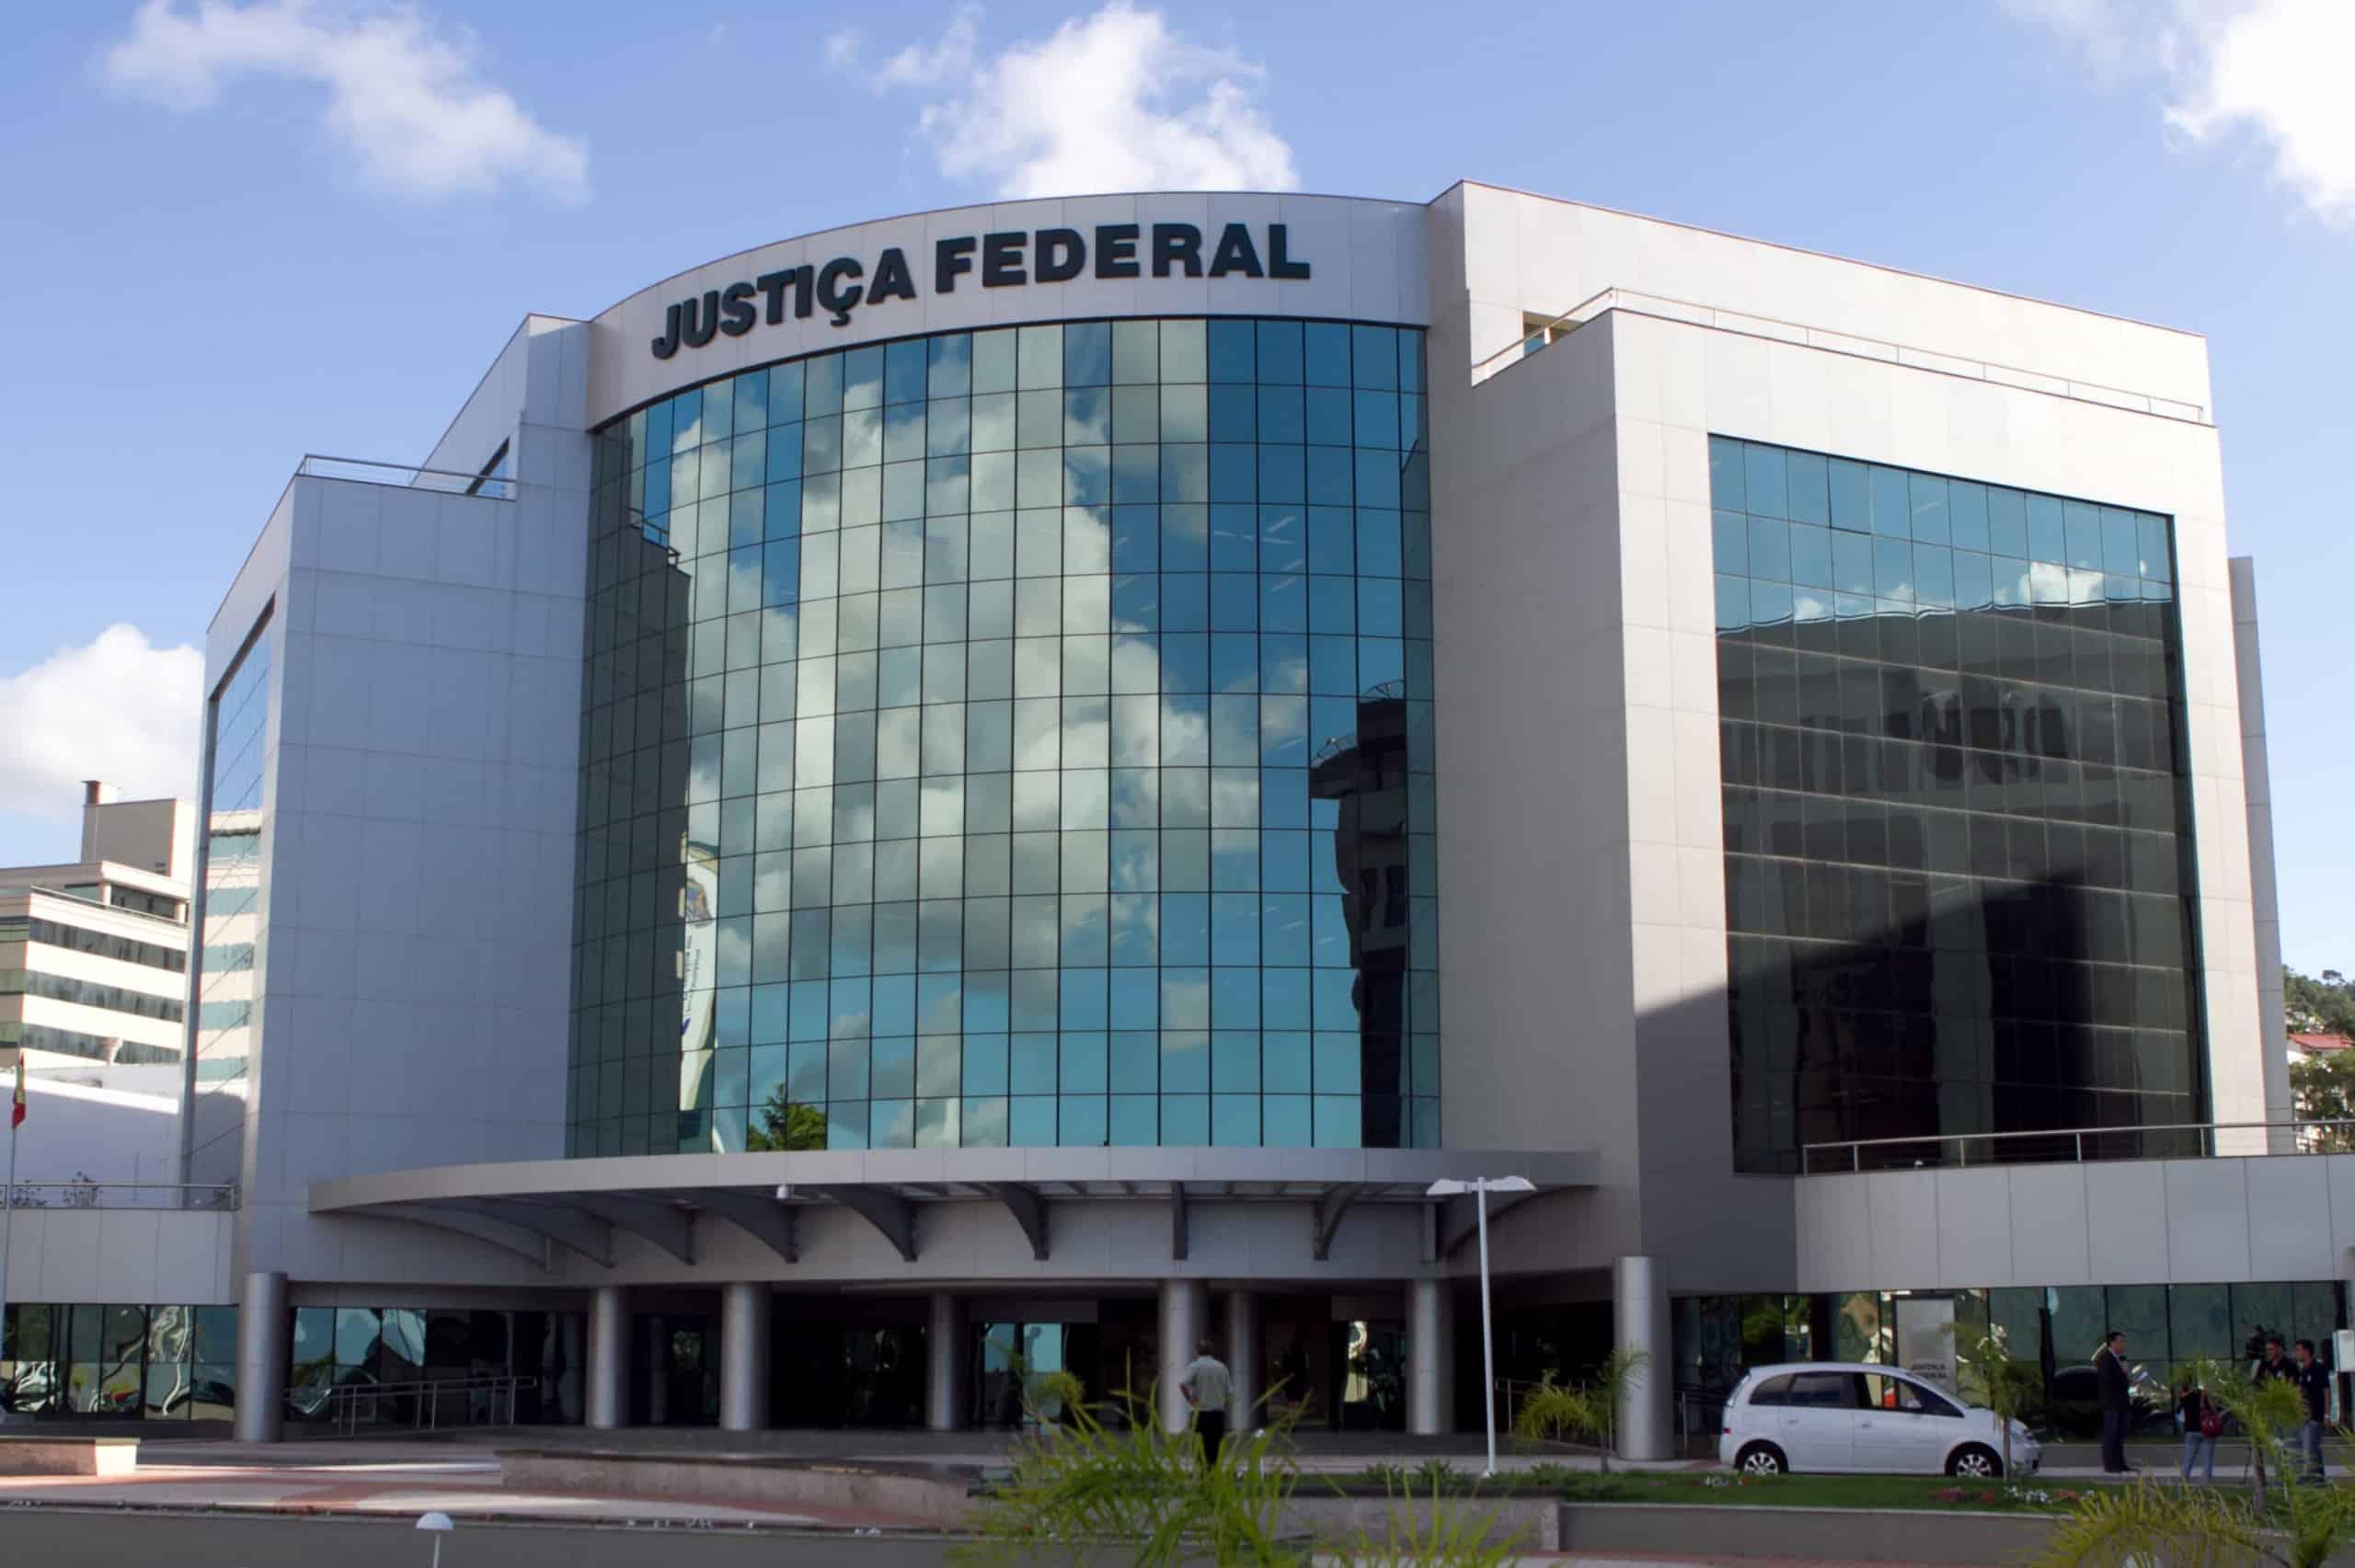 Justiça Federal em Florianópolis, SC